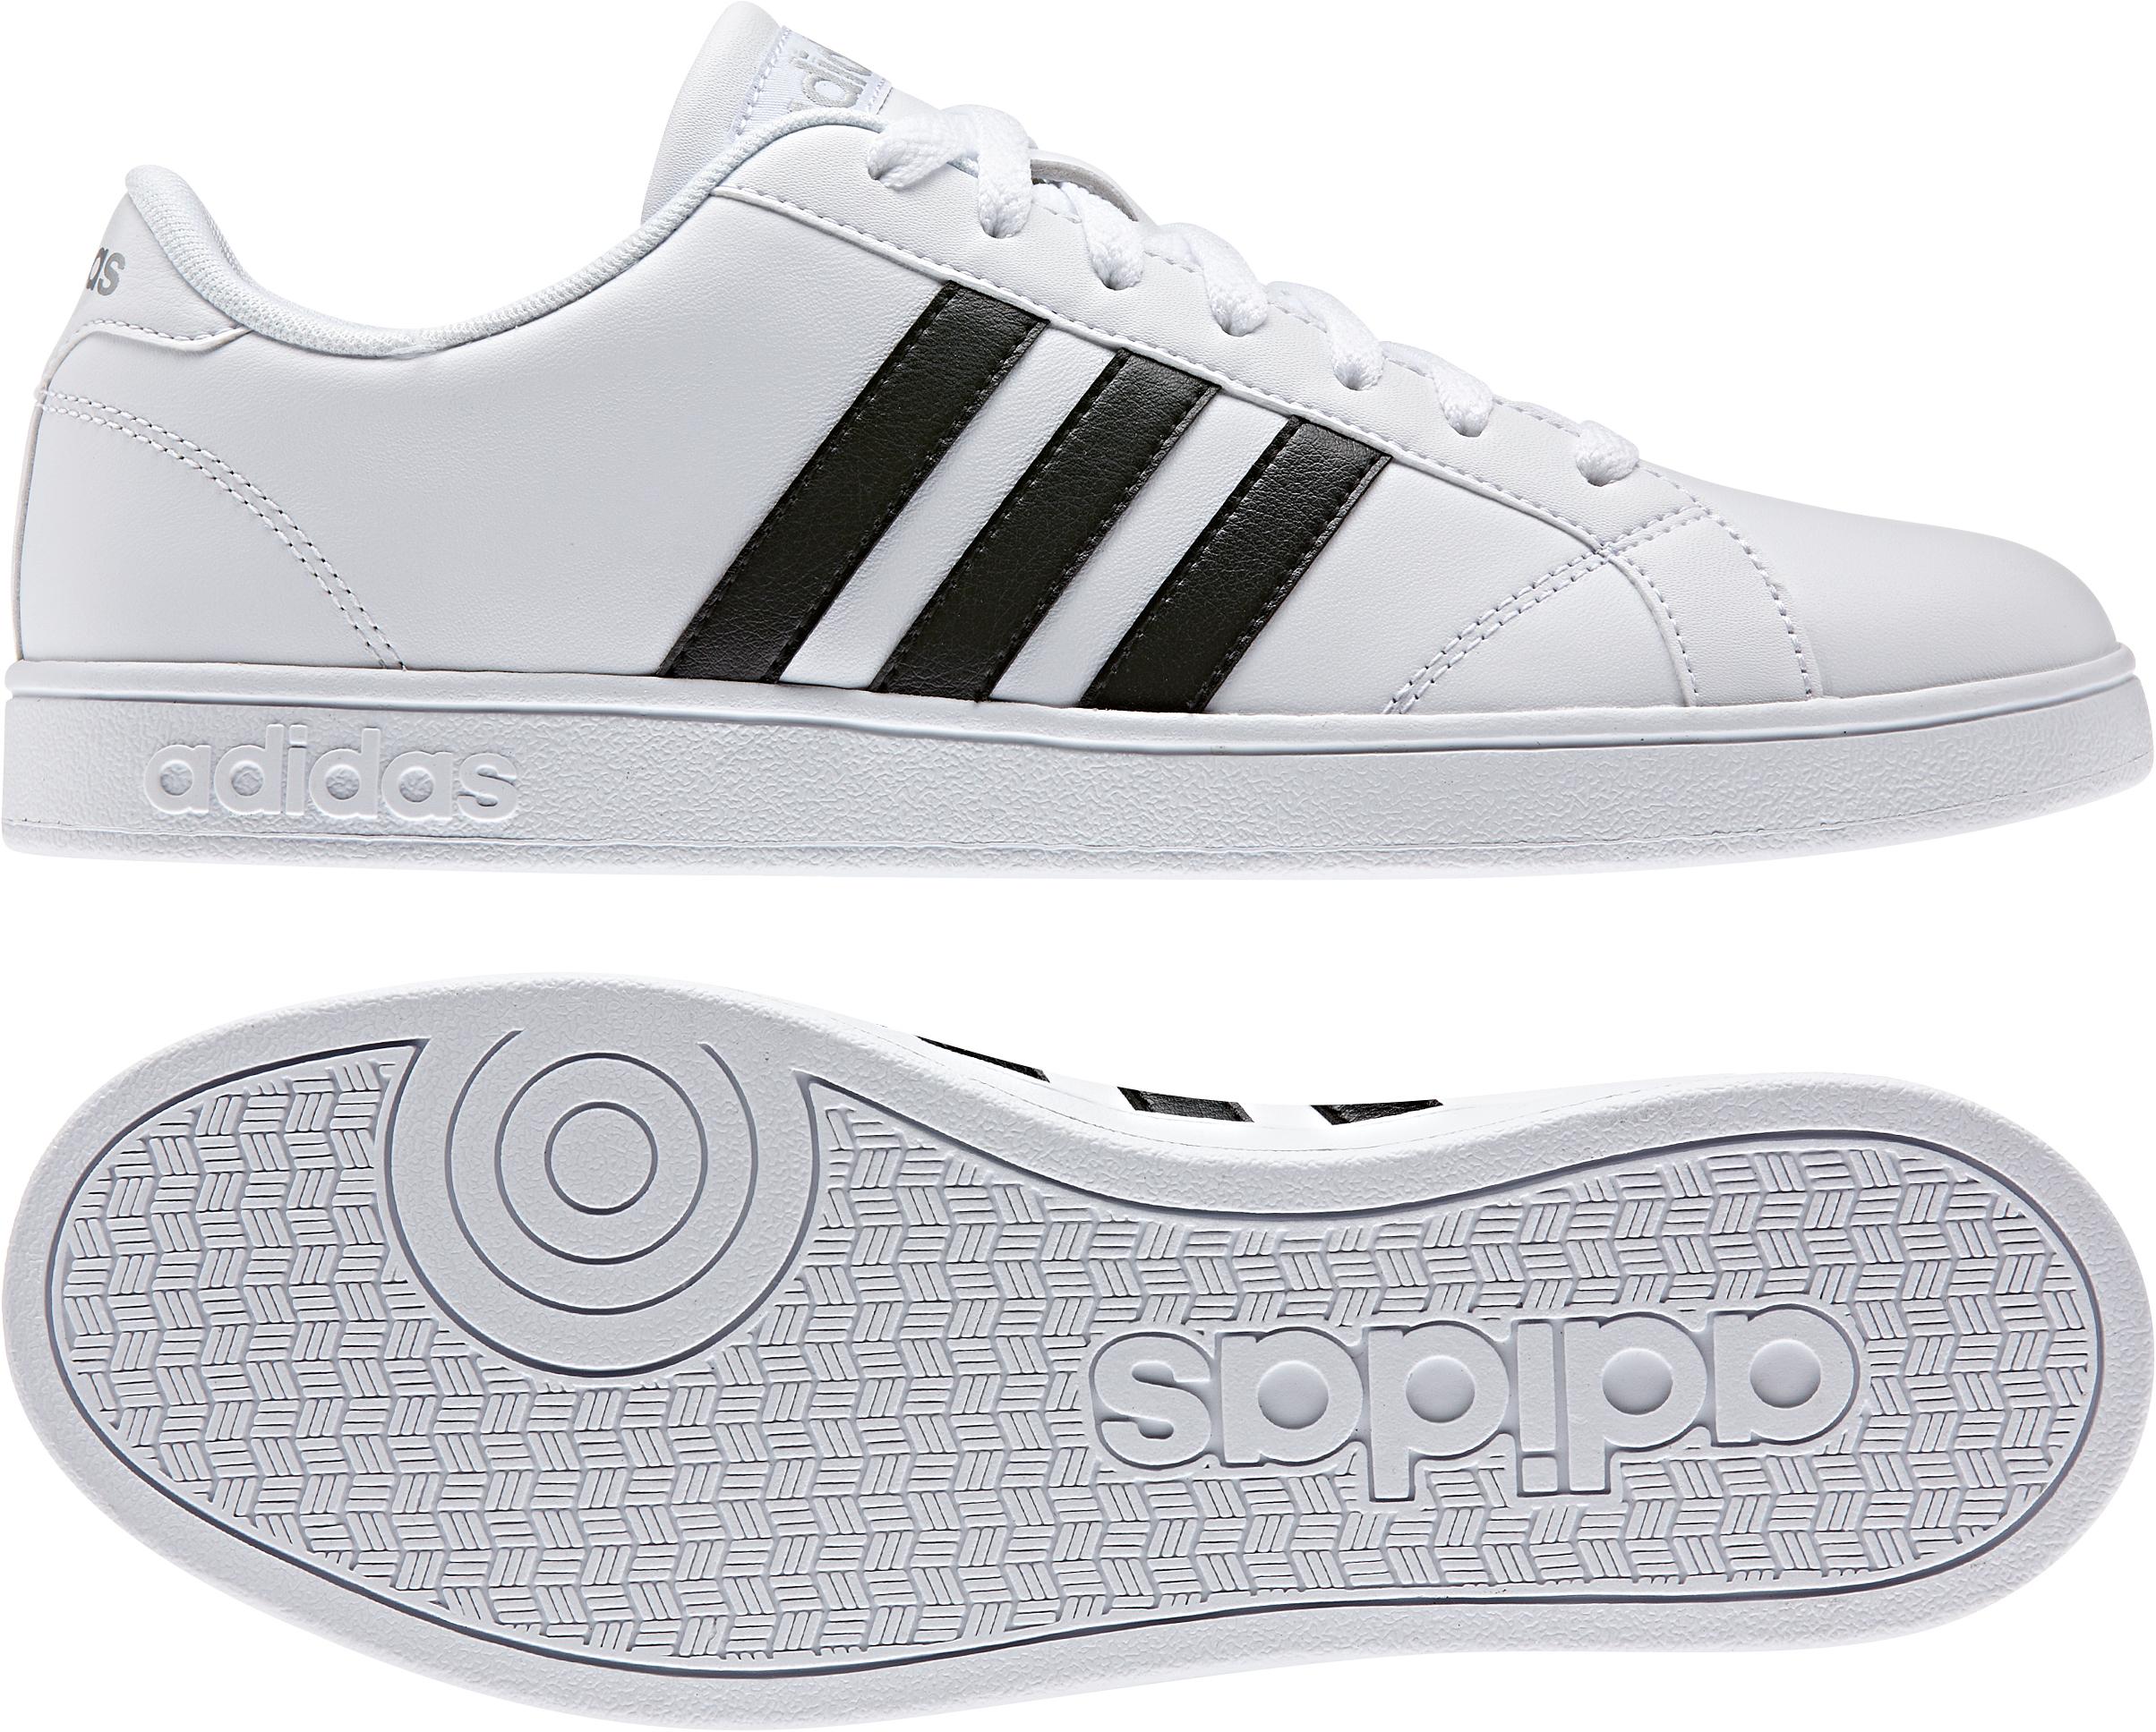 sports shoes 9454a 382a7 5050733-WHT61-ALT-SIDESOLE.jpg